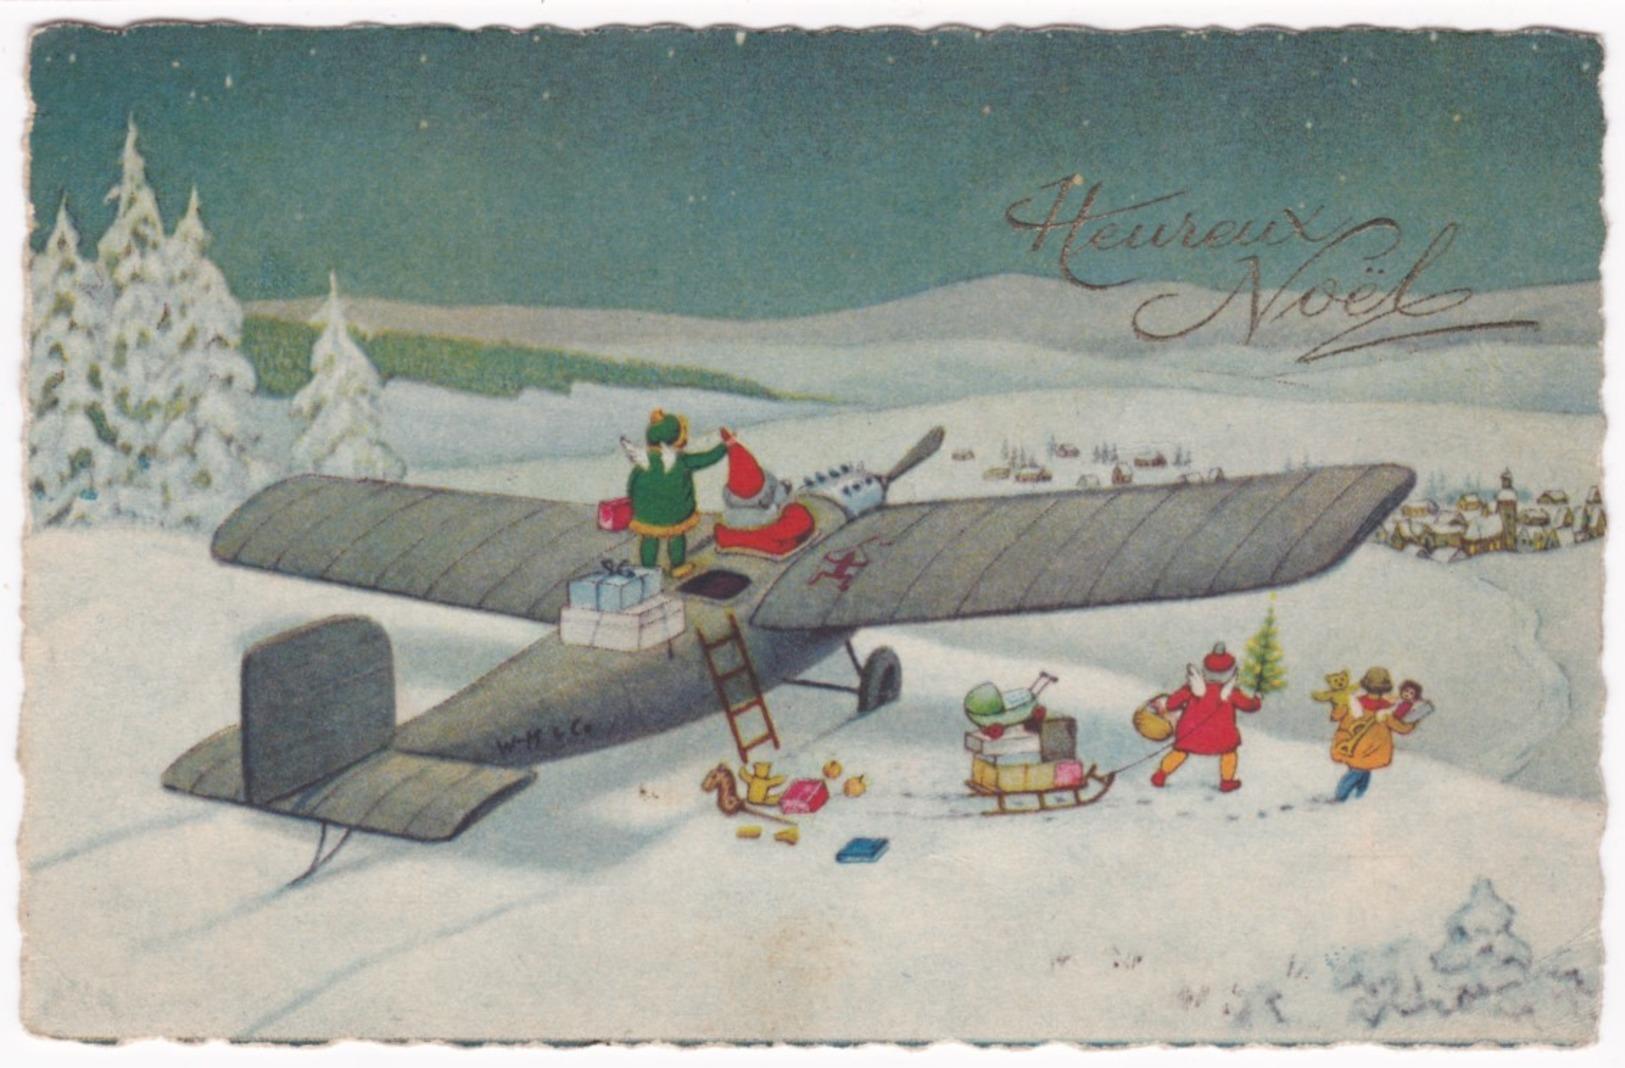 Illustrateur Signé - Heureux Noël - Père Noël En Avion - Illustrateurs & Photographes